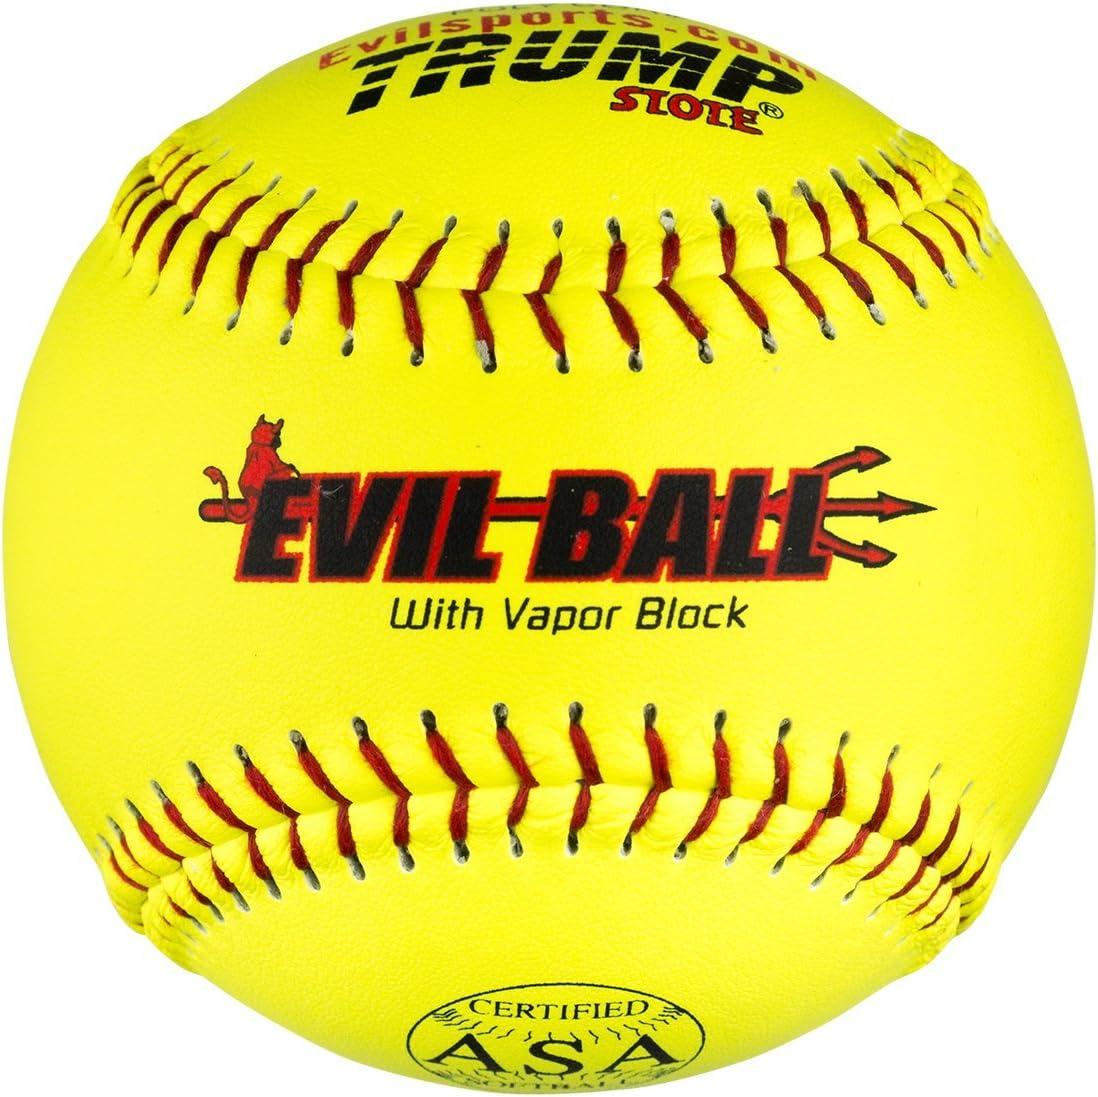 Trump/Evil Sports Media Docena Evil bola asa 12